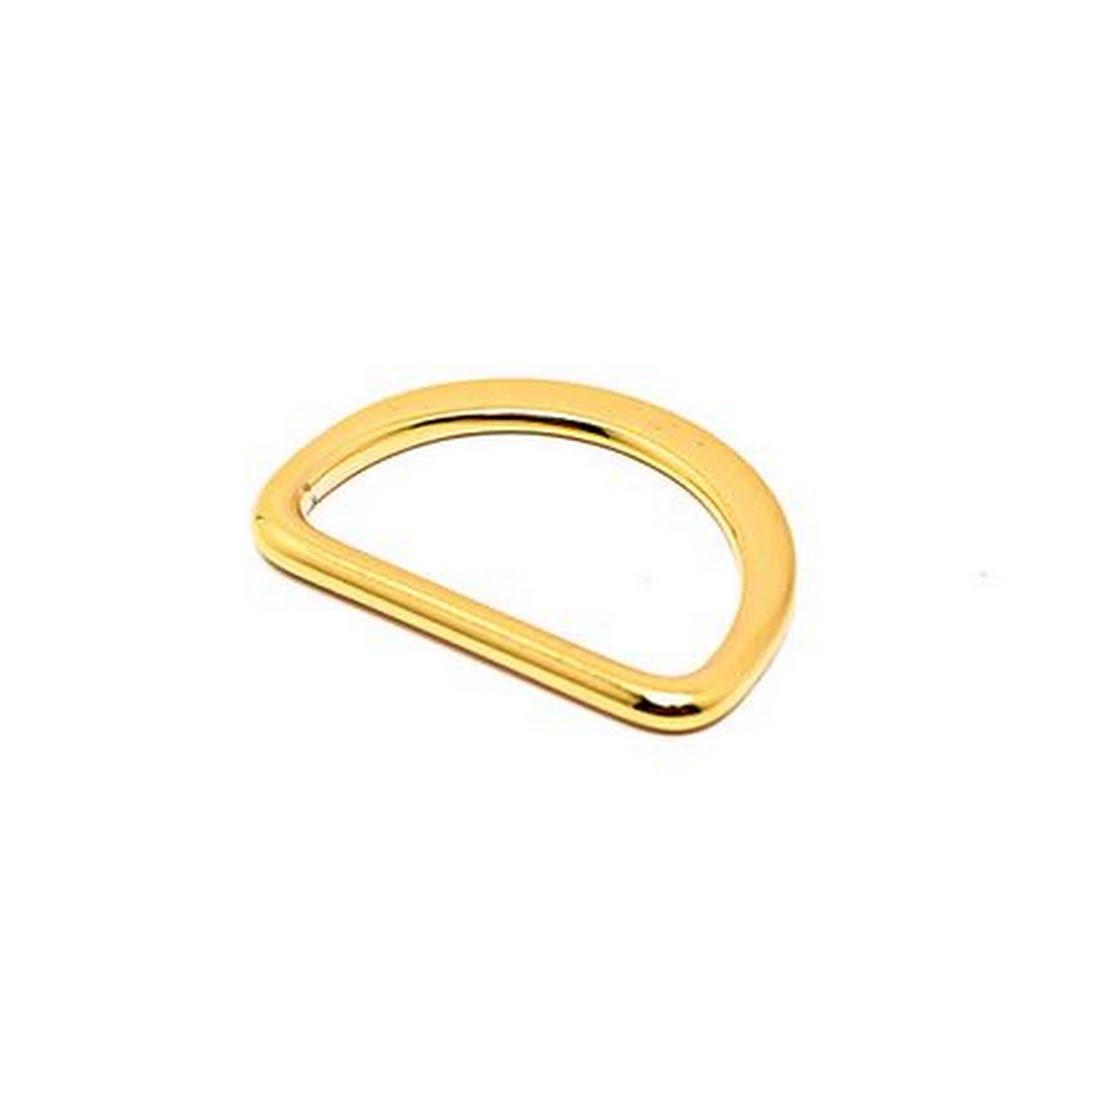 Taschenzubehör - 25mm D-Ring GOLD